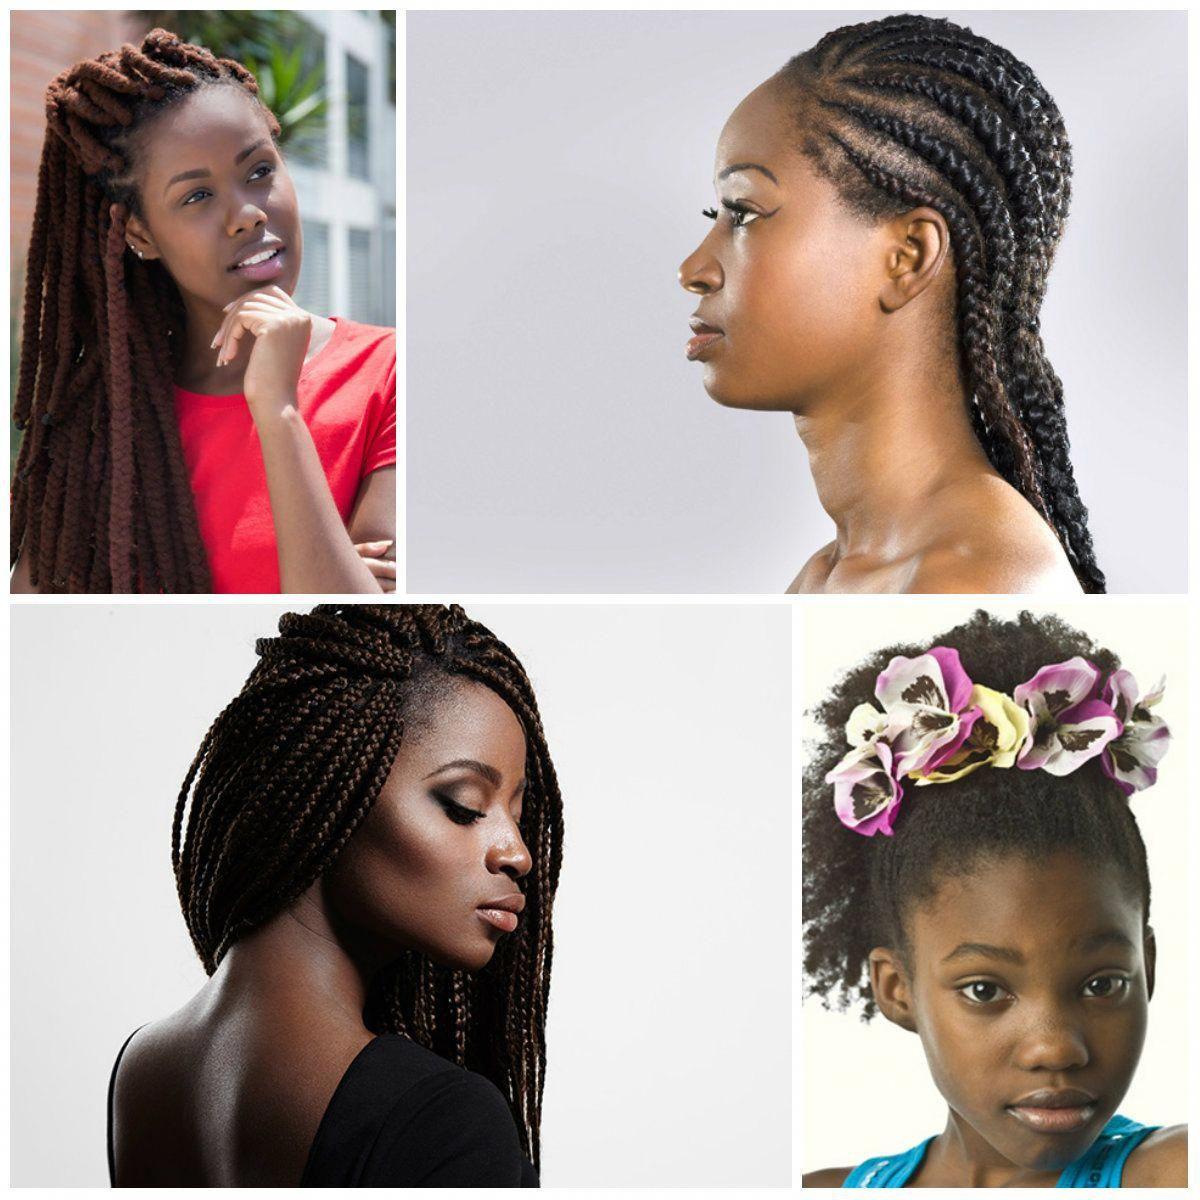 teenage girl hairstyles blackteenagegirlhairstyles ...